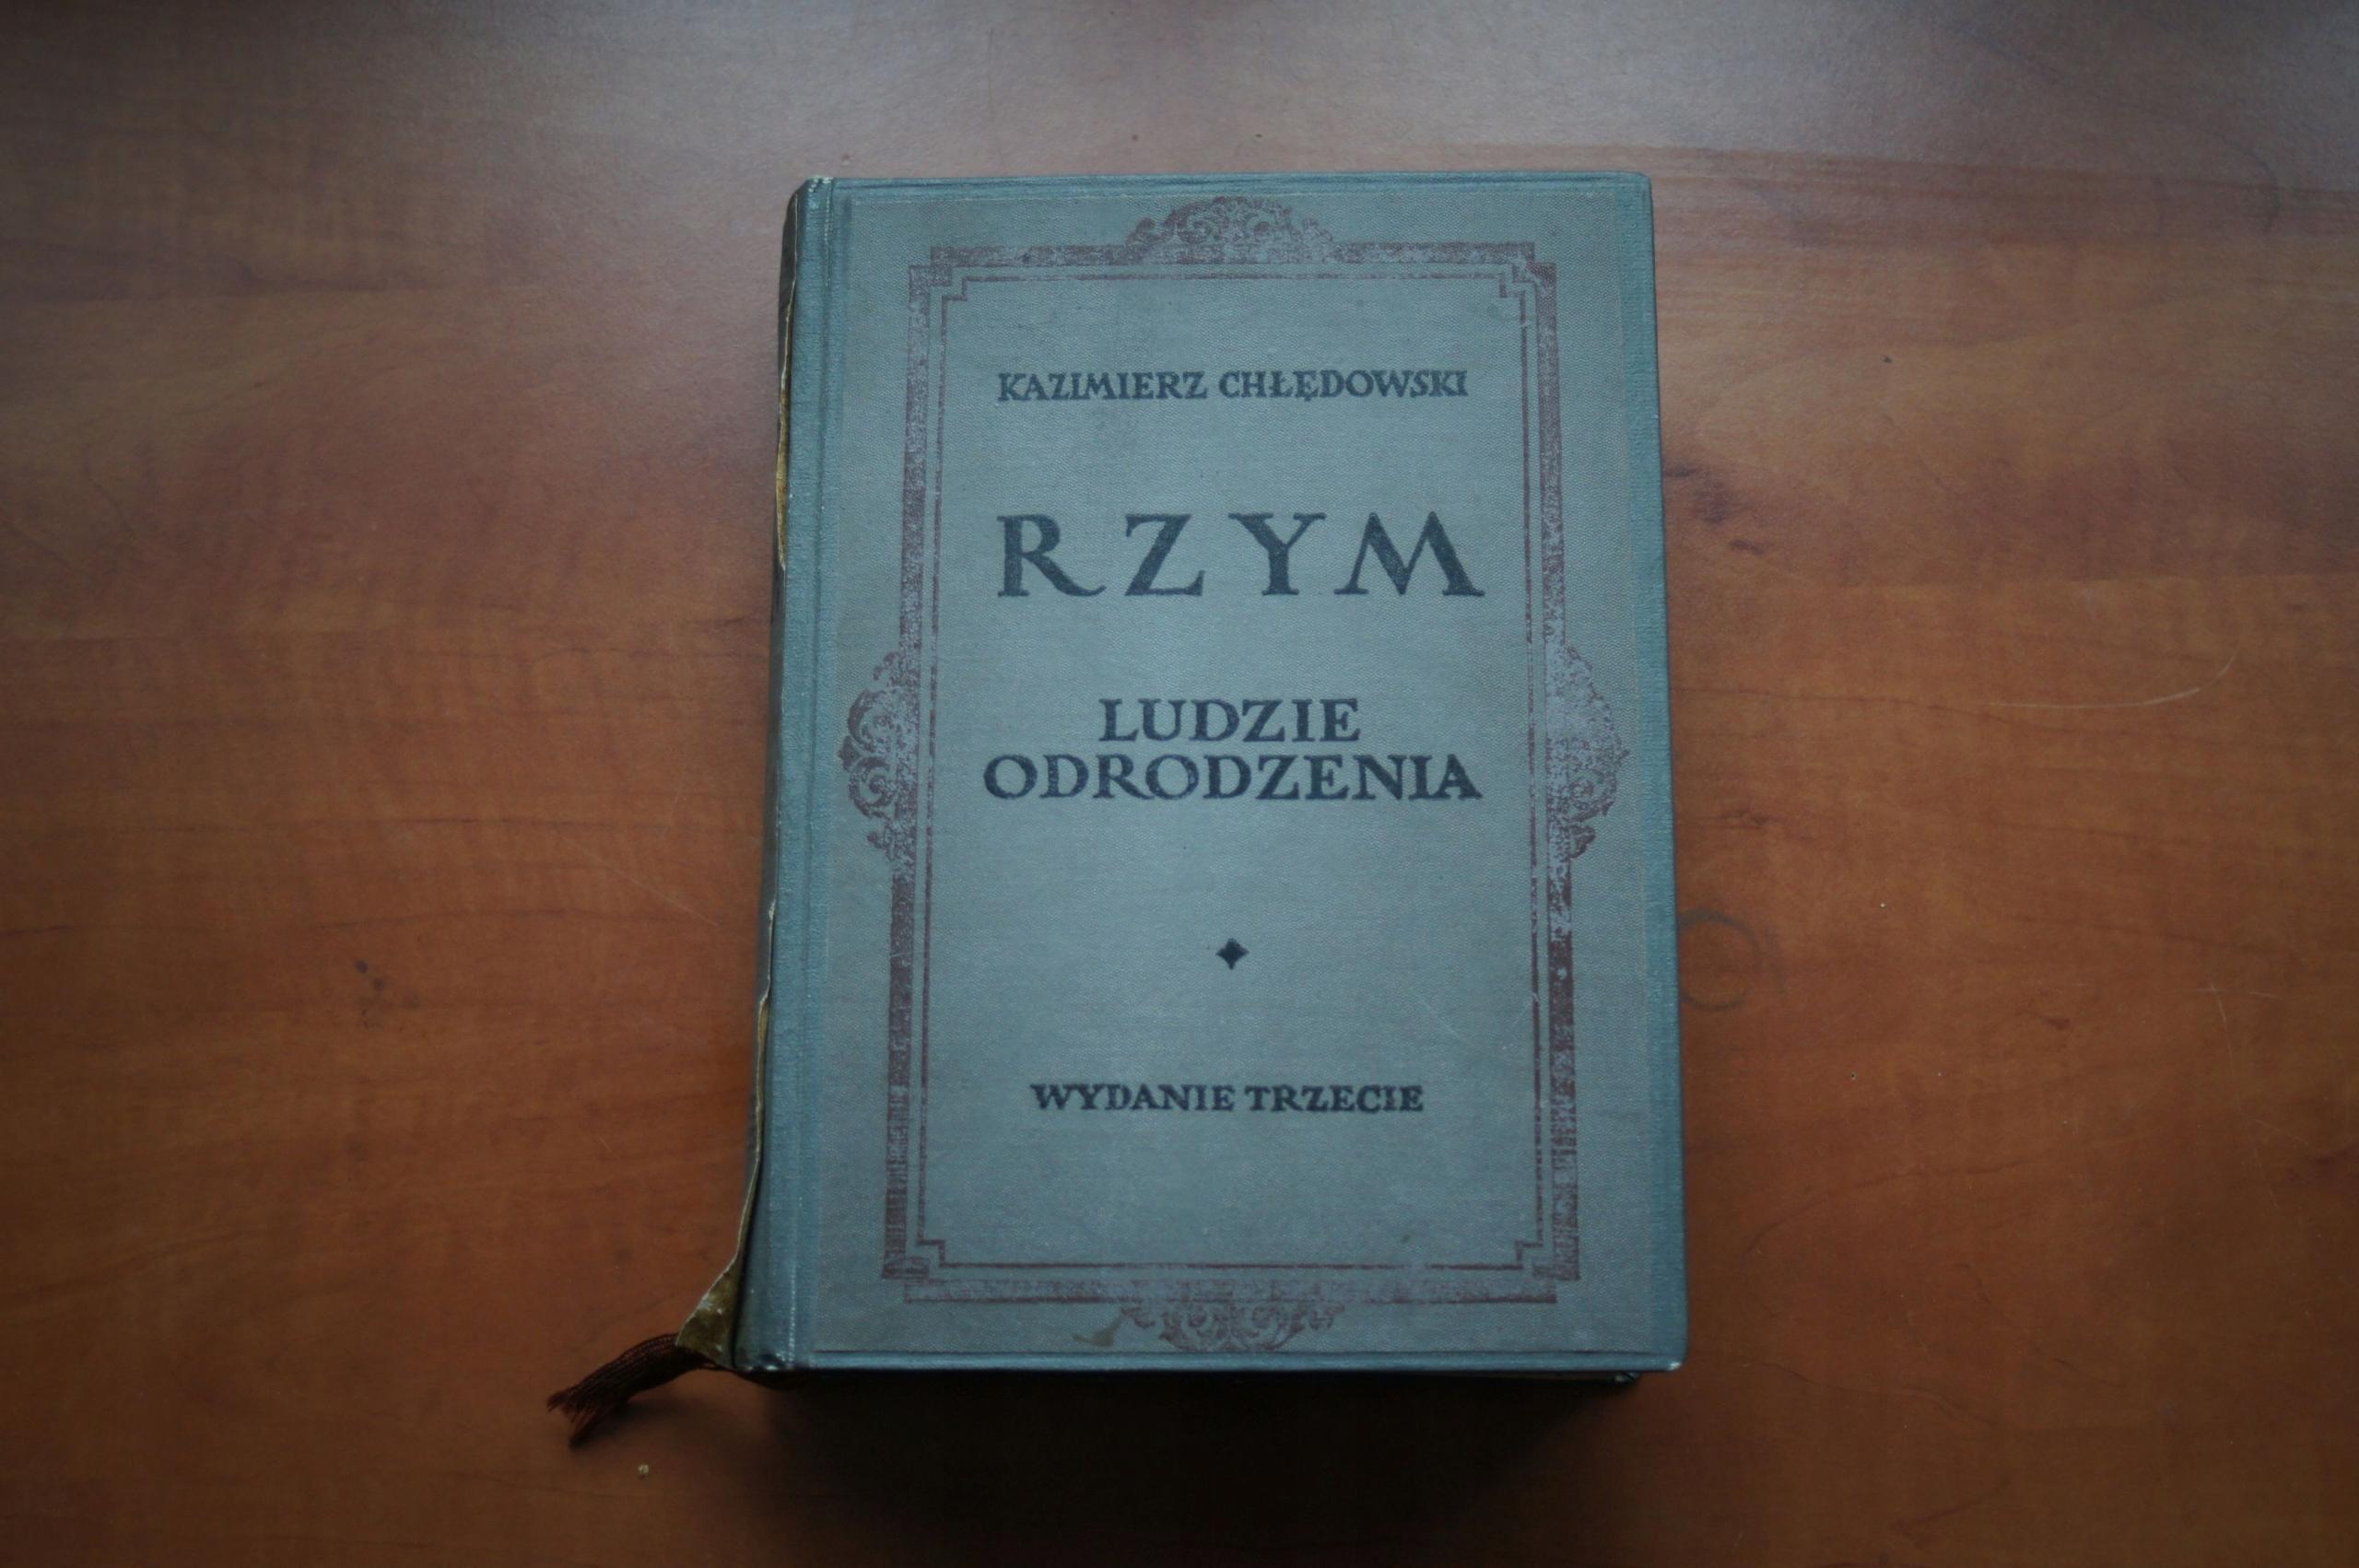 RZYM LUDZIE ODRODZENIA CHŁĘDOWSKI WYD. III 1921